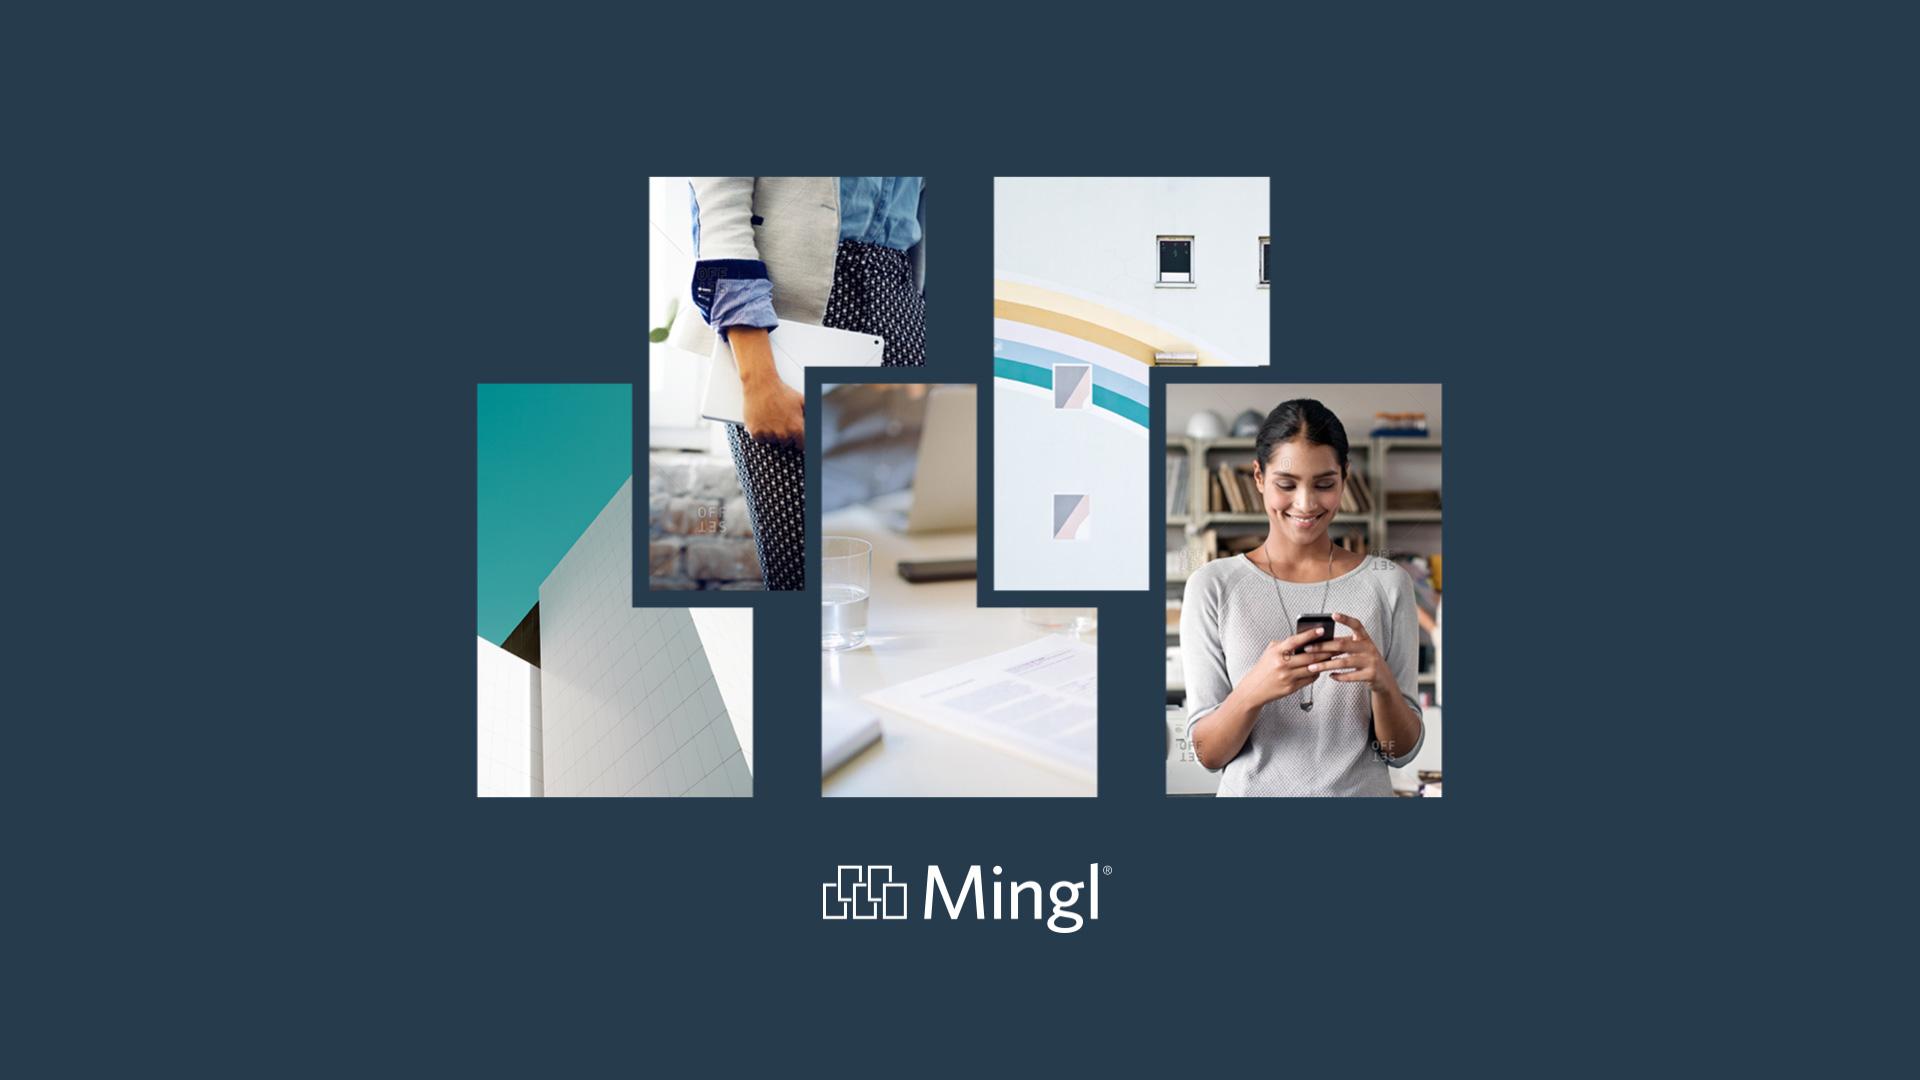 mingl-1stk.jpg